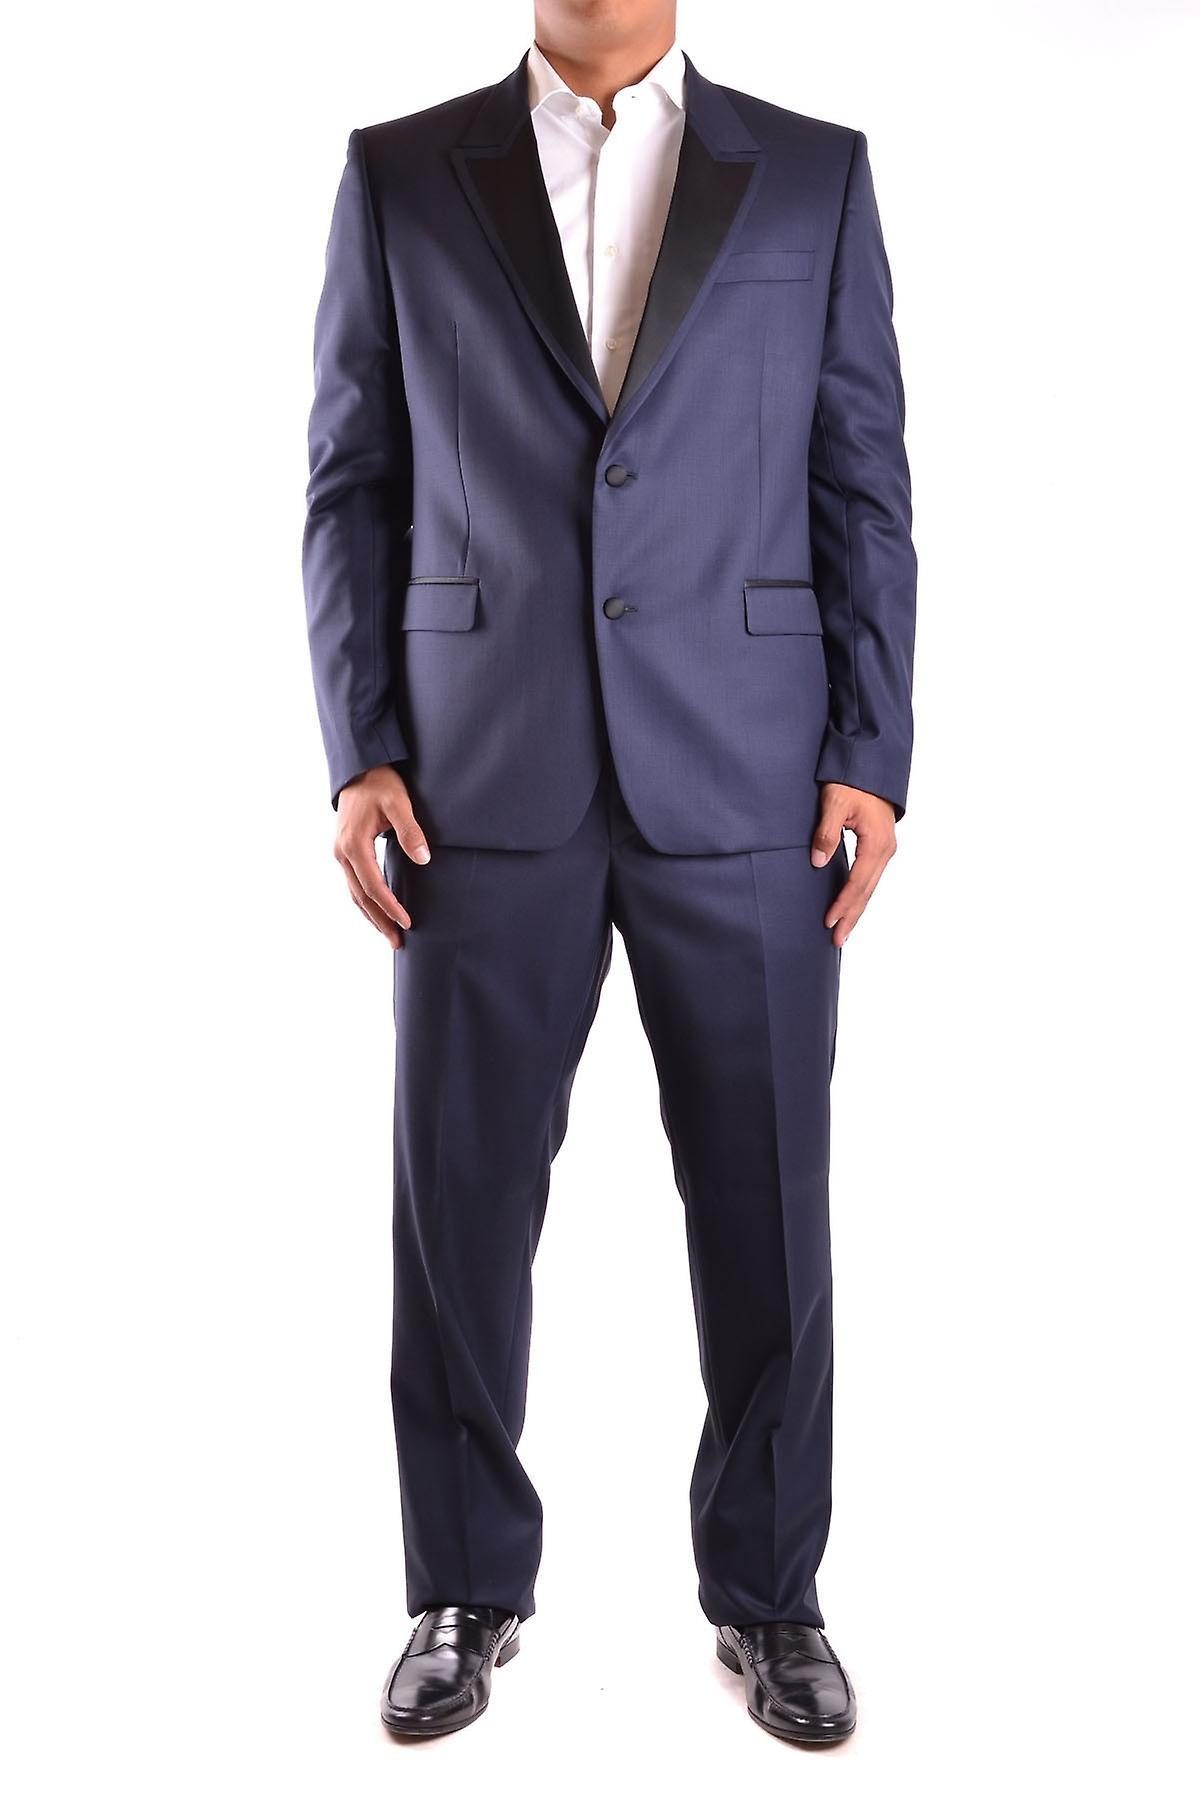 البدلة الصوف الأزرق فيرساتشي